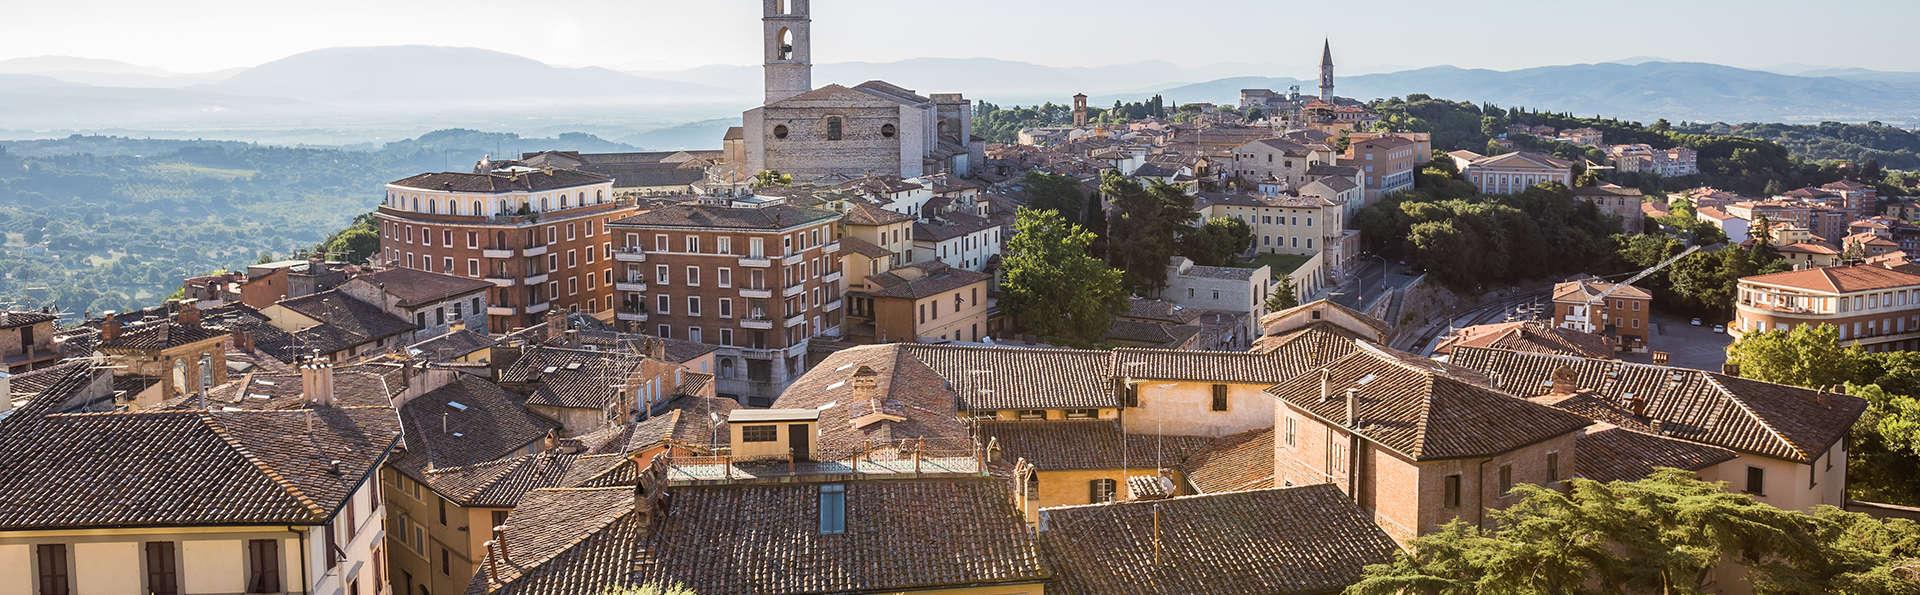 Dal Moro Gallery Hotel - Edit_Perugia.jpg